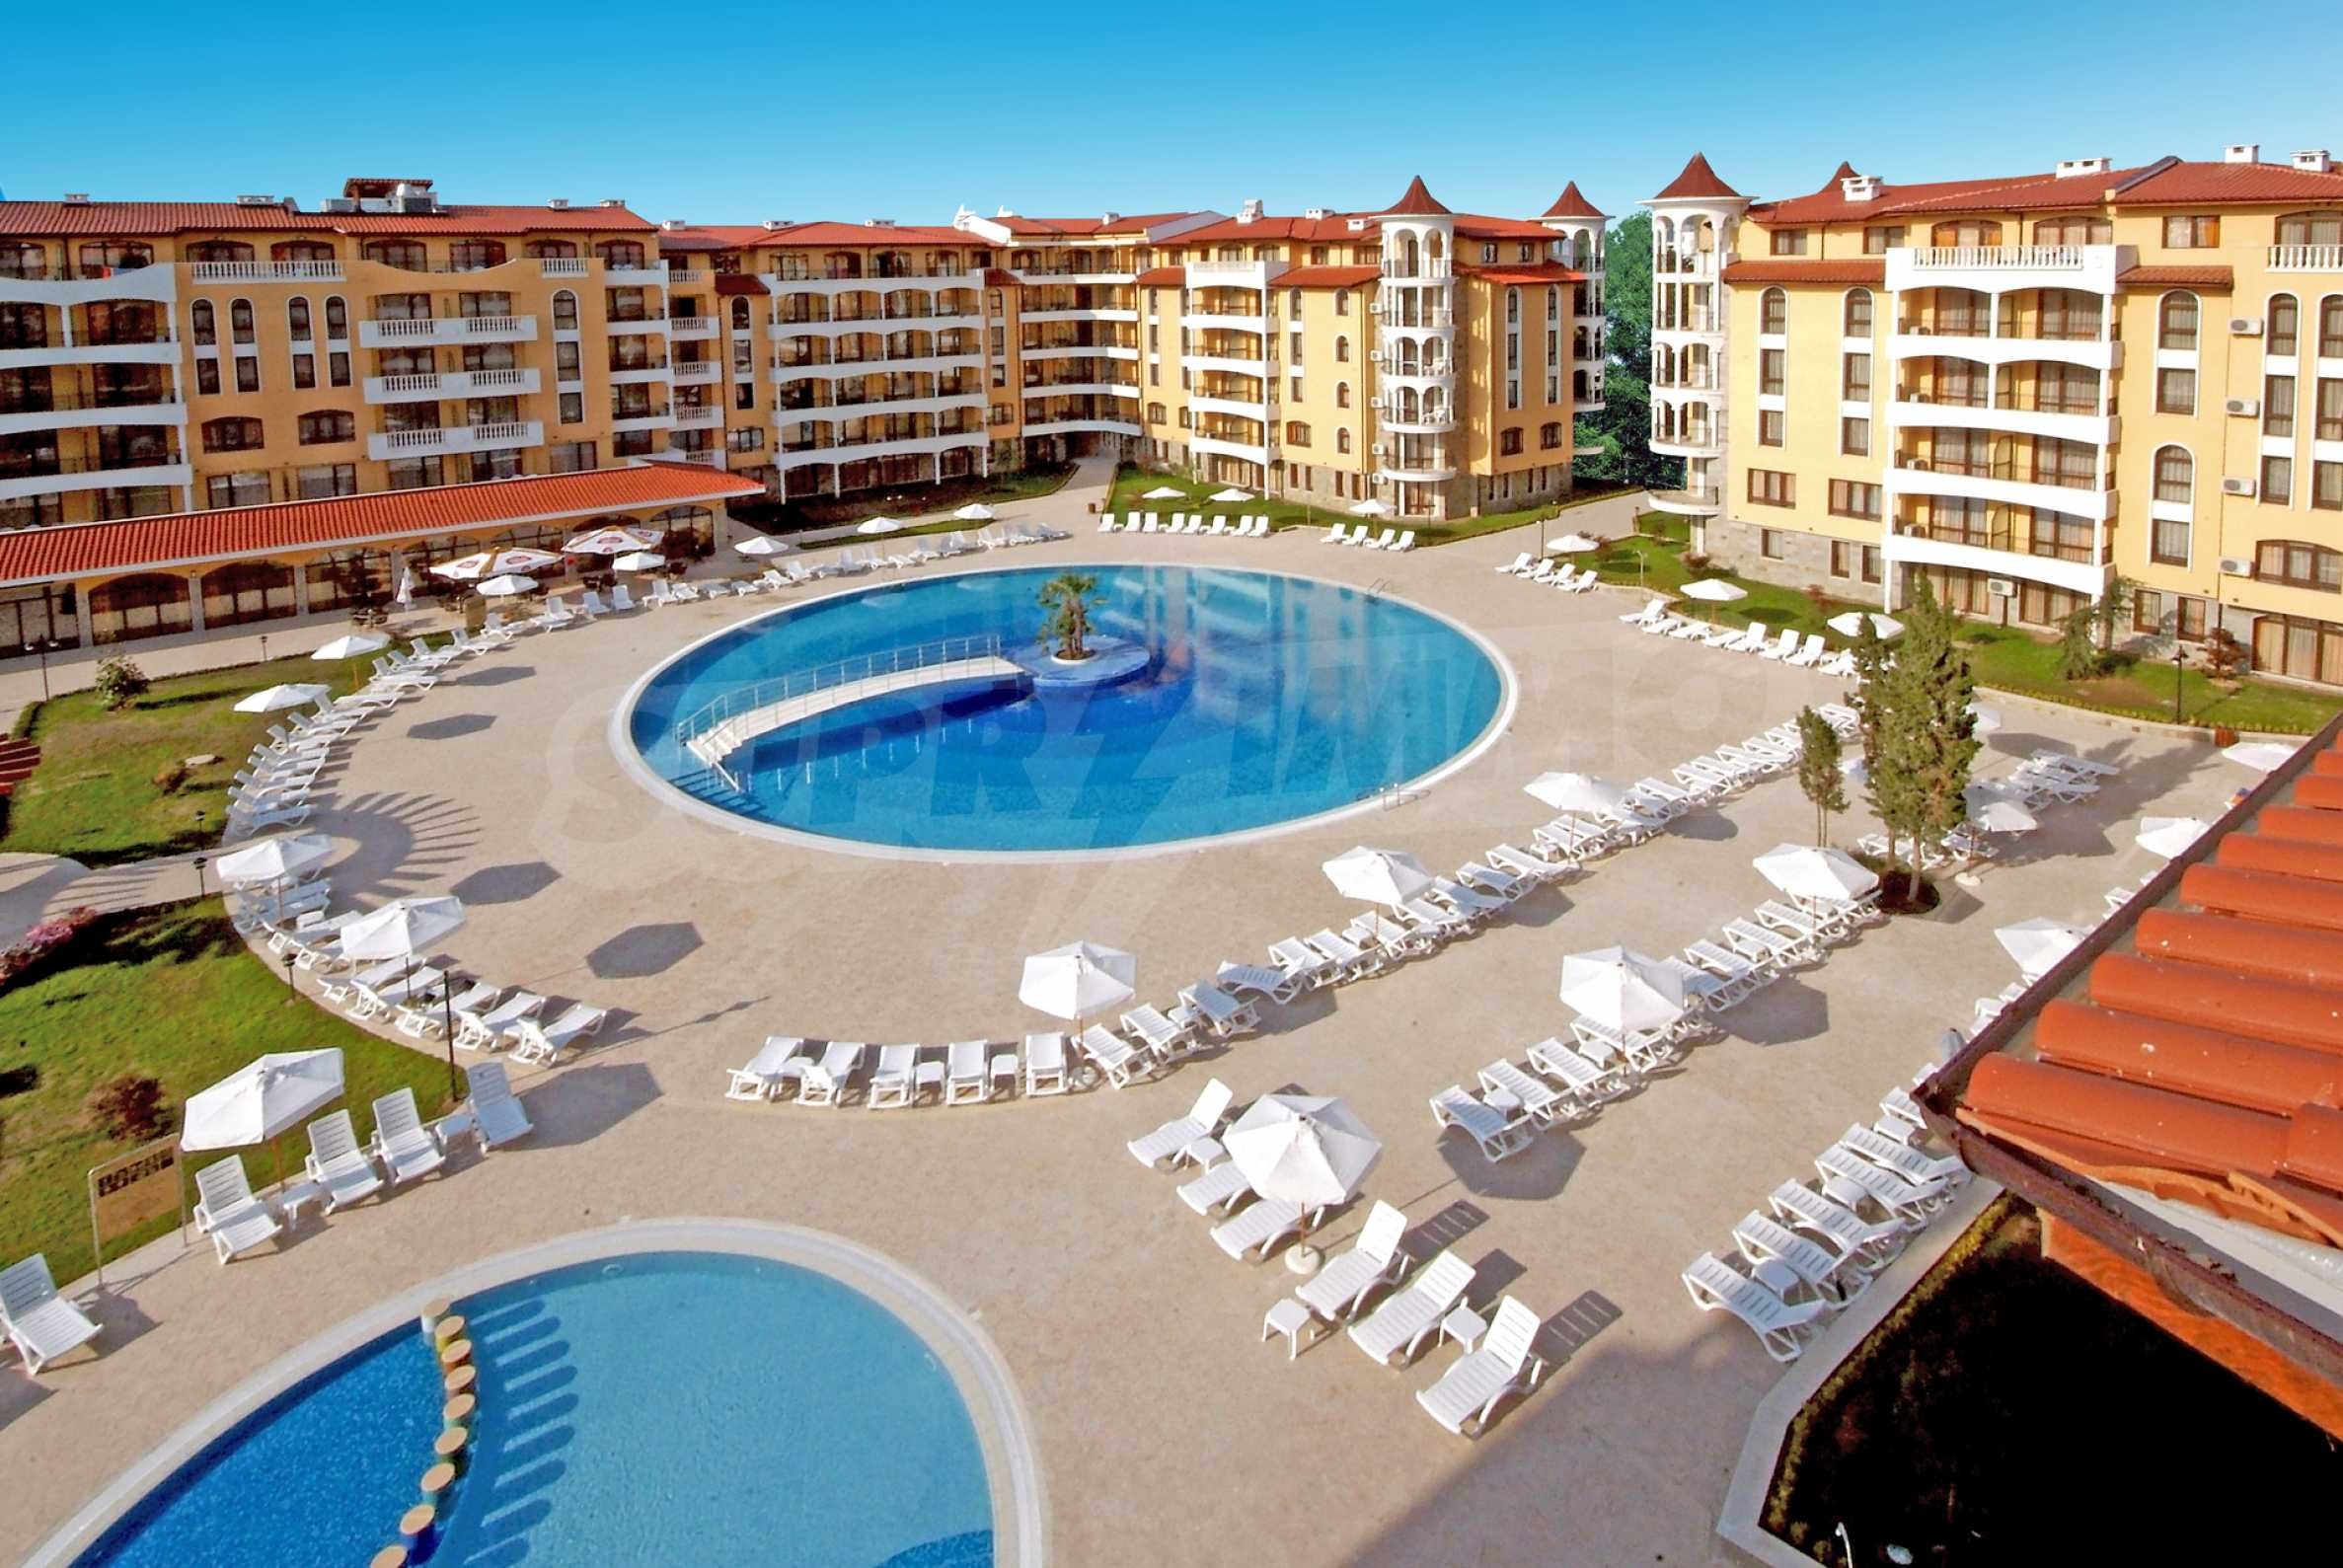 Двухкомнатная квартира вблизи пляжа и центра курорта Солнечный берег